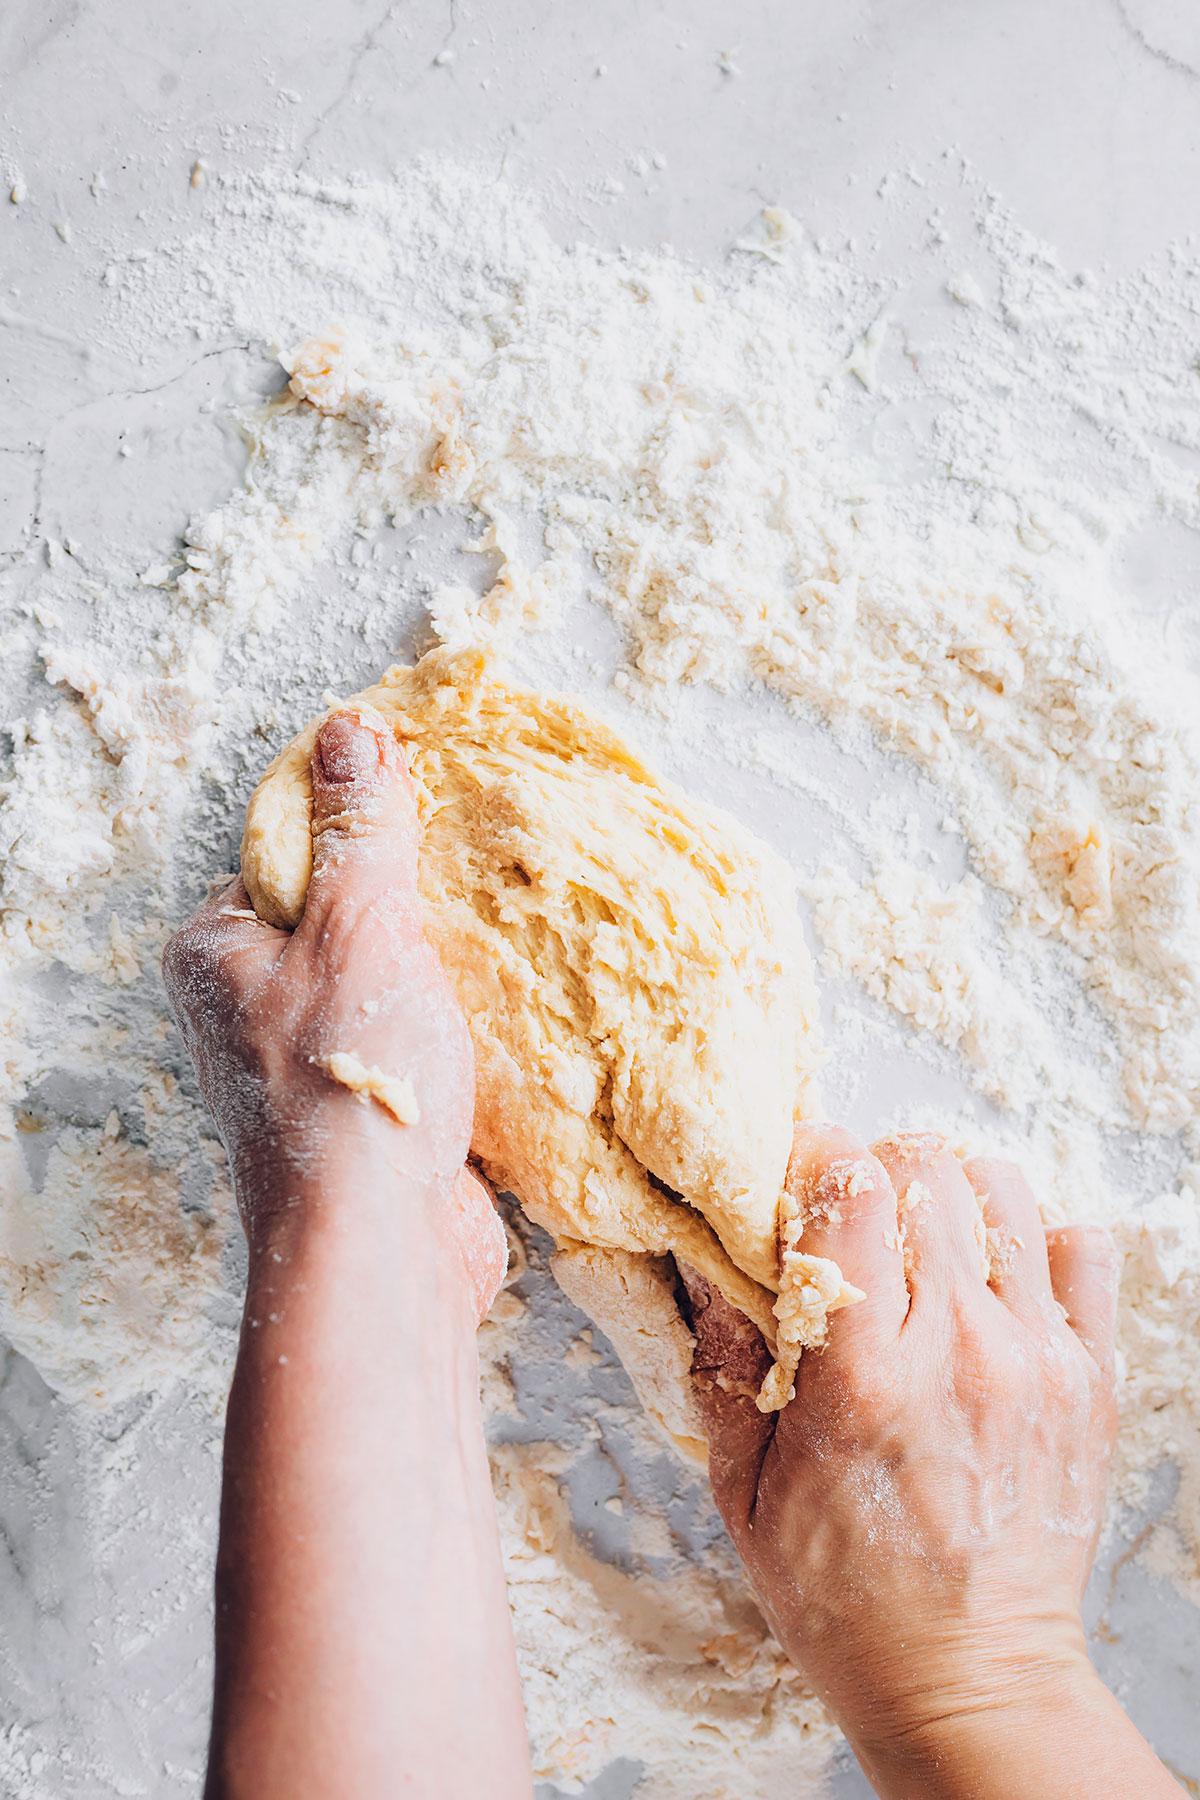 Kneading dough for homemade pasta